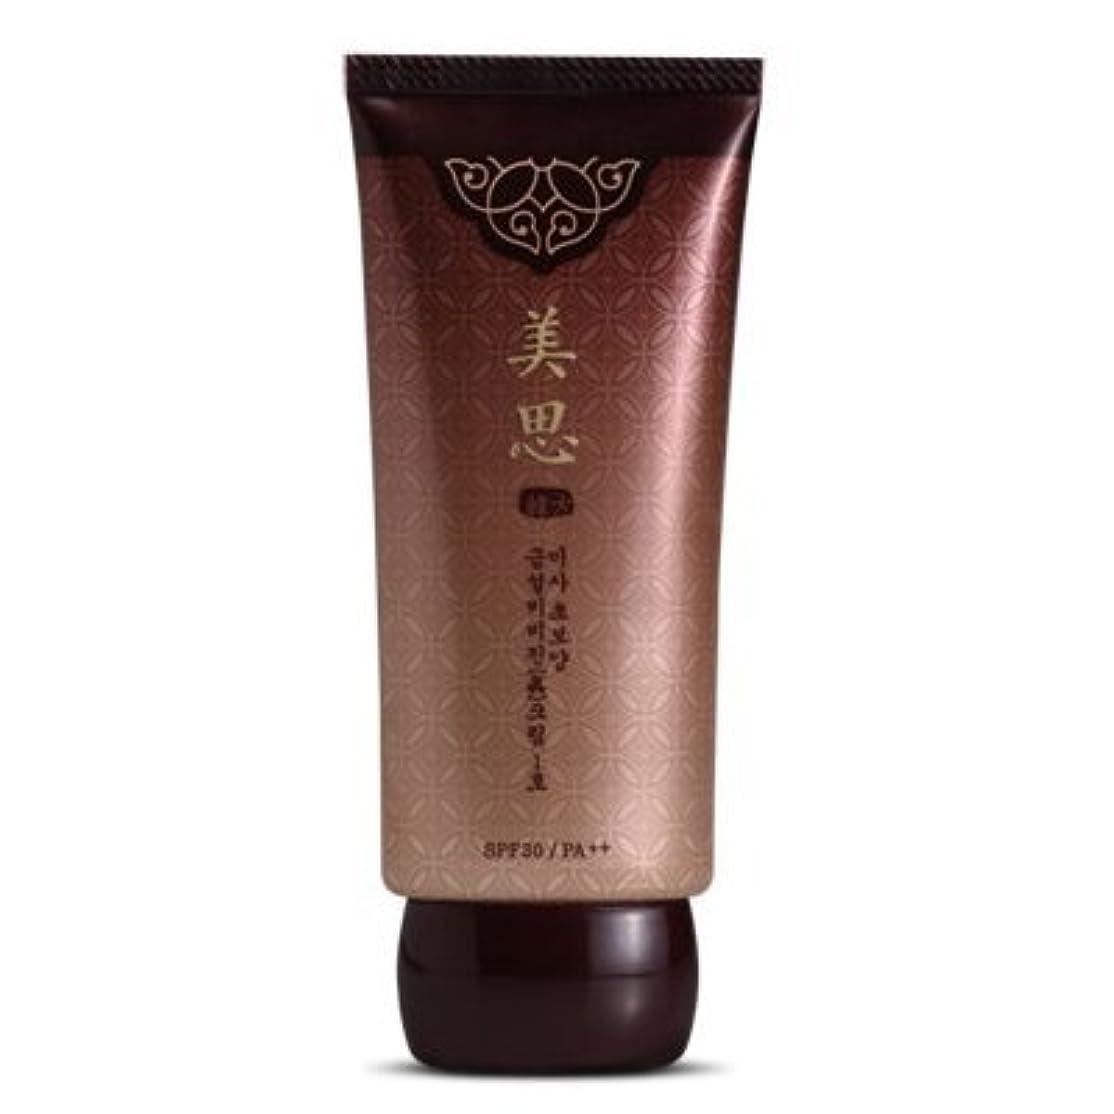 マイクロフォン支店観察する【MISSHA (ミシャ)】 Cho Bo Yang BB Cream チョボヤン BBクリーム No.2 (ナチュラル ベージュ)